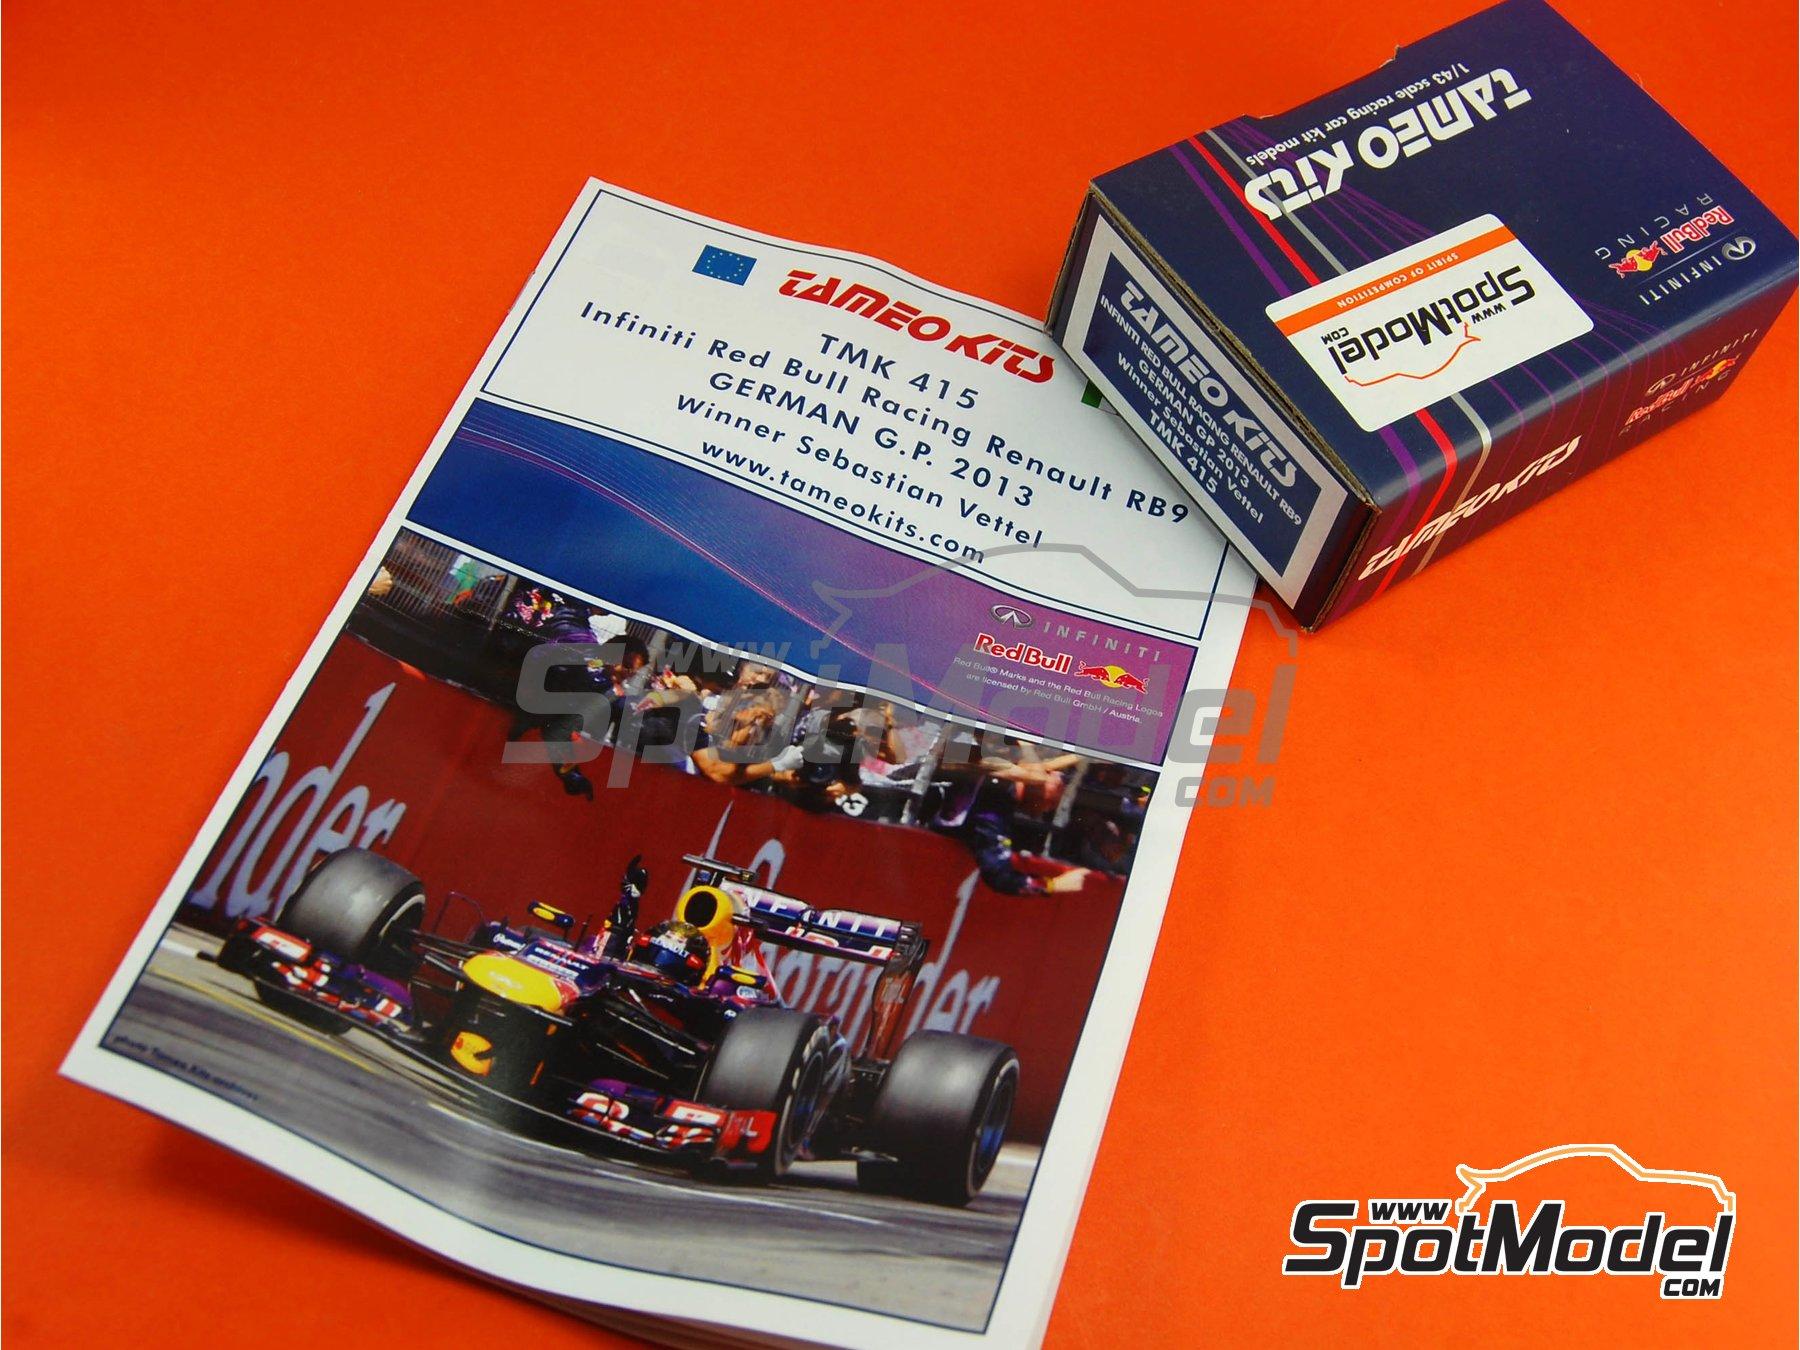 Image 14: RB Racing Renault RB9 Infiniti - Gran Premio de Fórmula 1 de Alemania 2013   Maqueta de coche en escala1/43 fabricado por Tameo Kits (ref.TMK415)